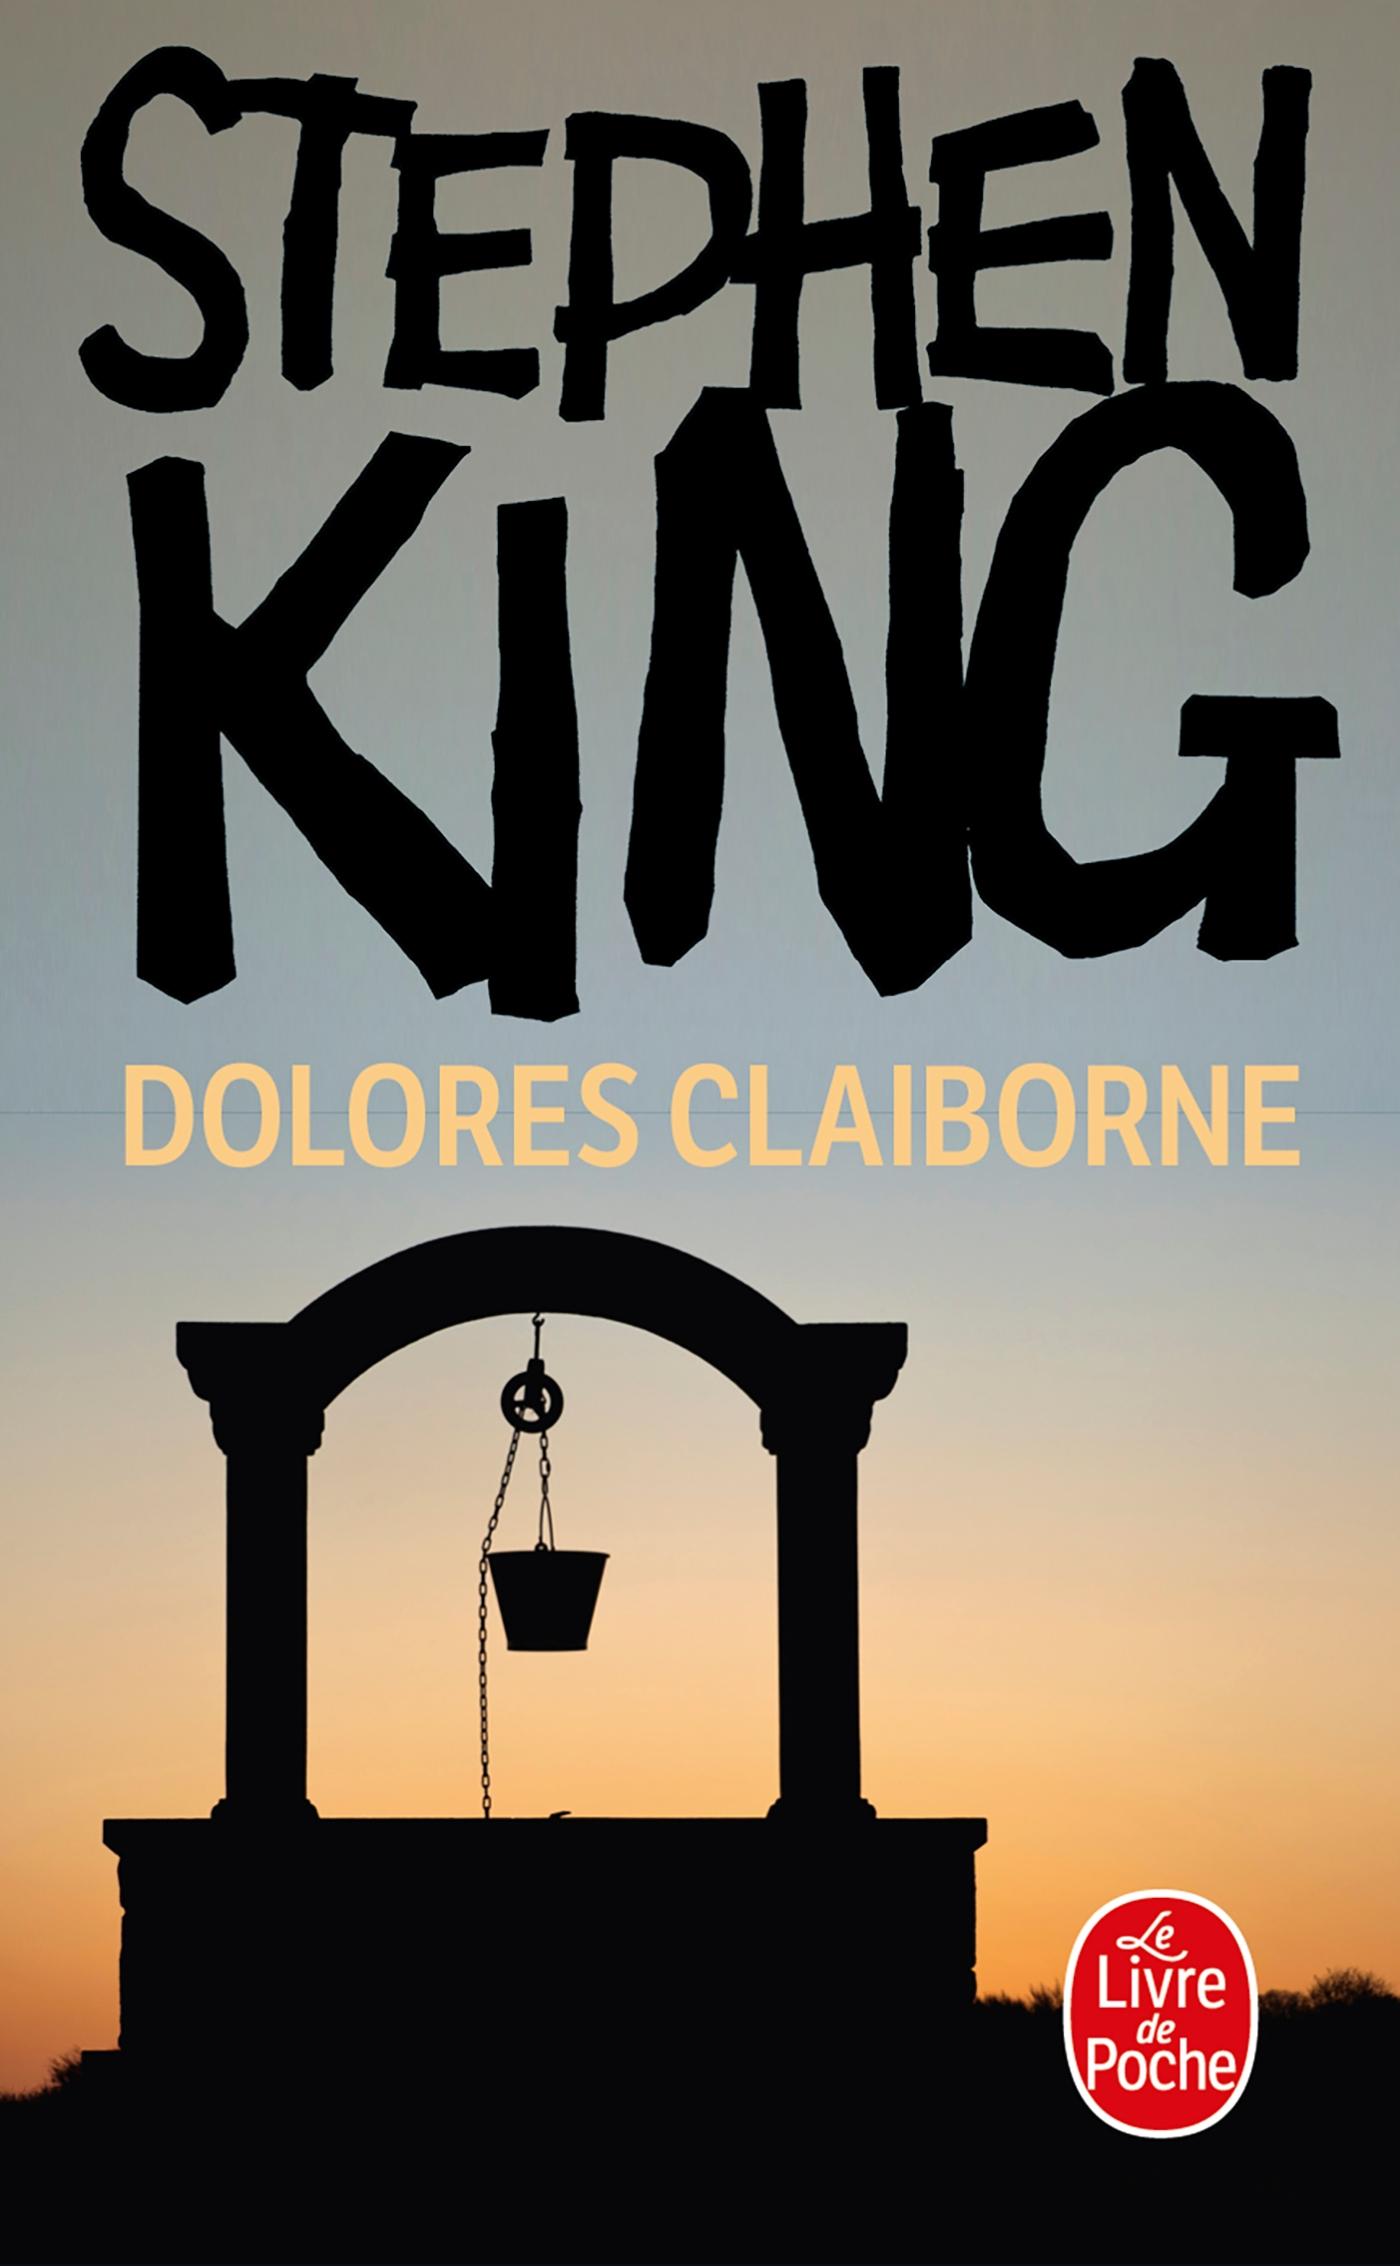 Le Roman Dolores Claiborne Au Livre De Poche En Novembre